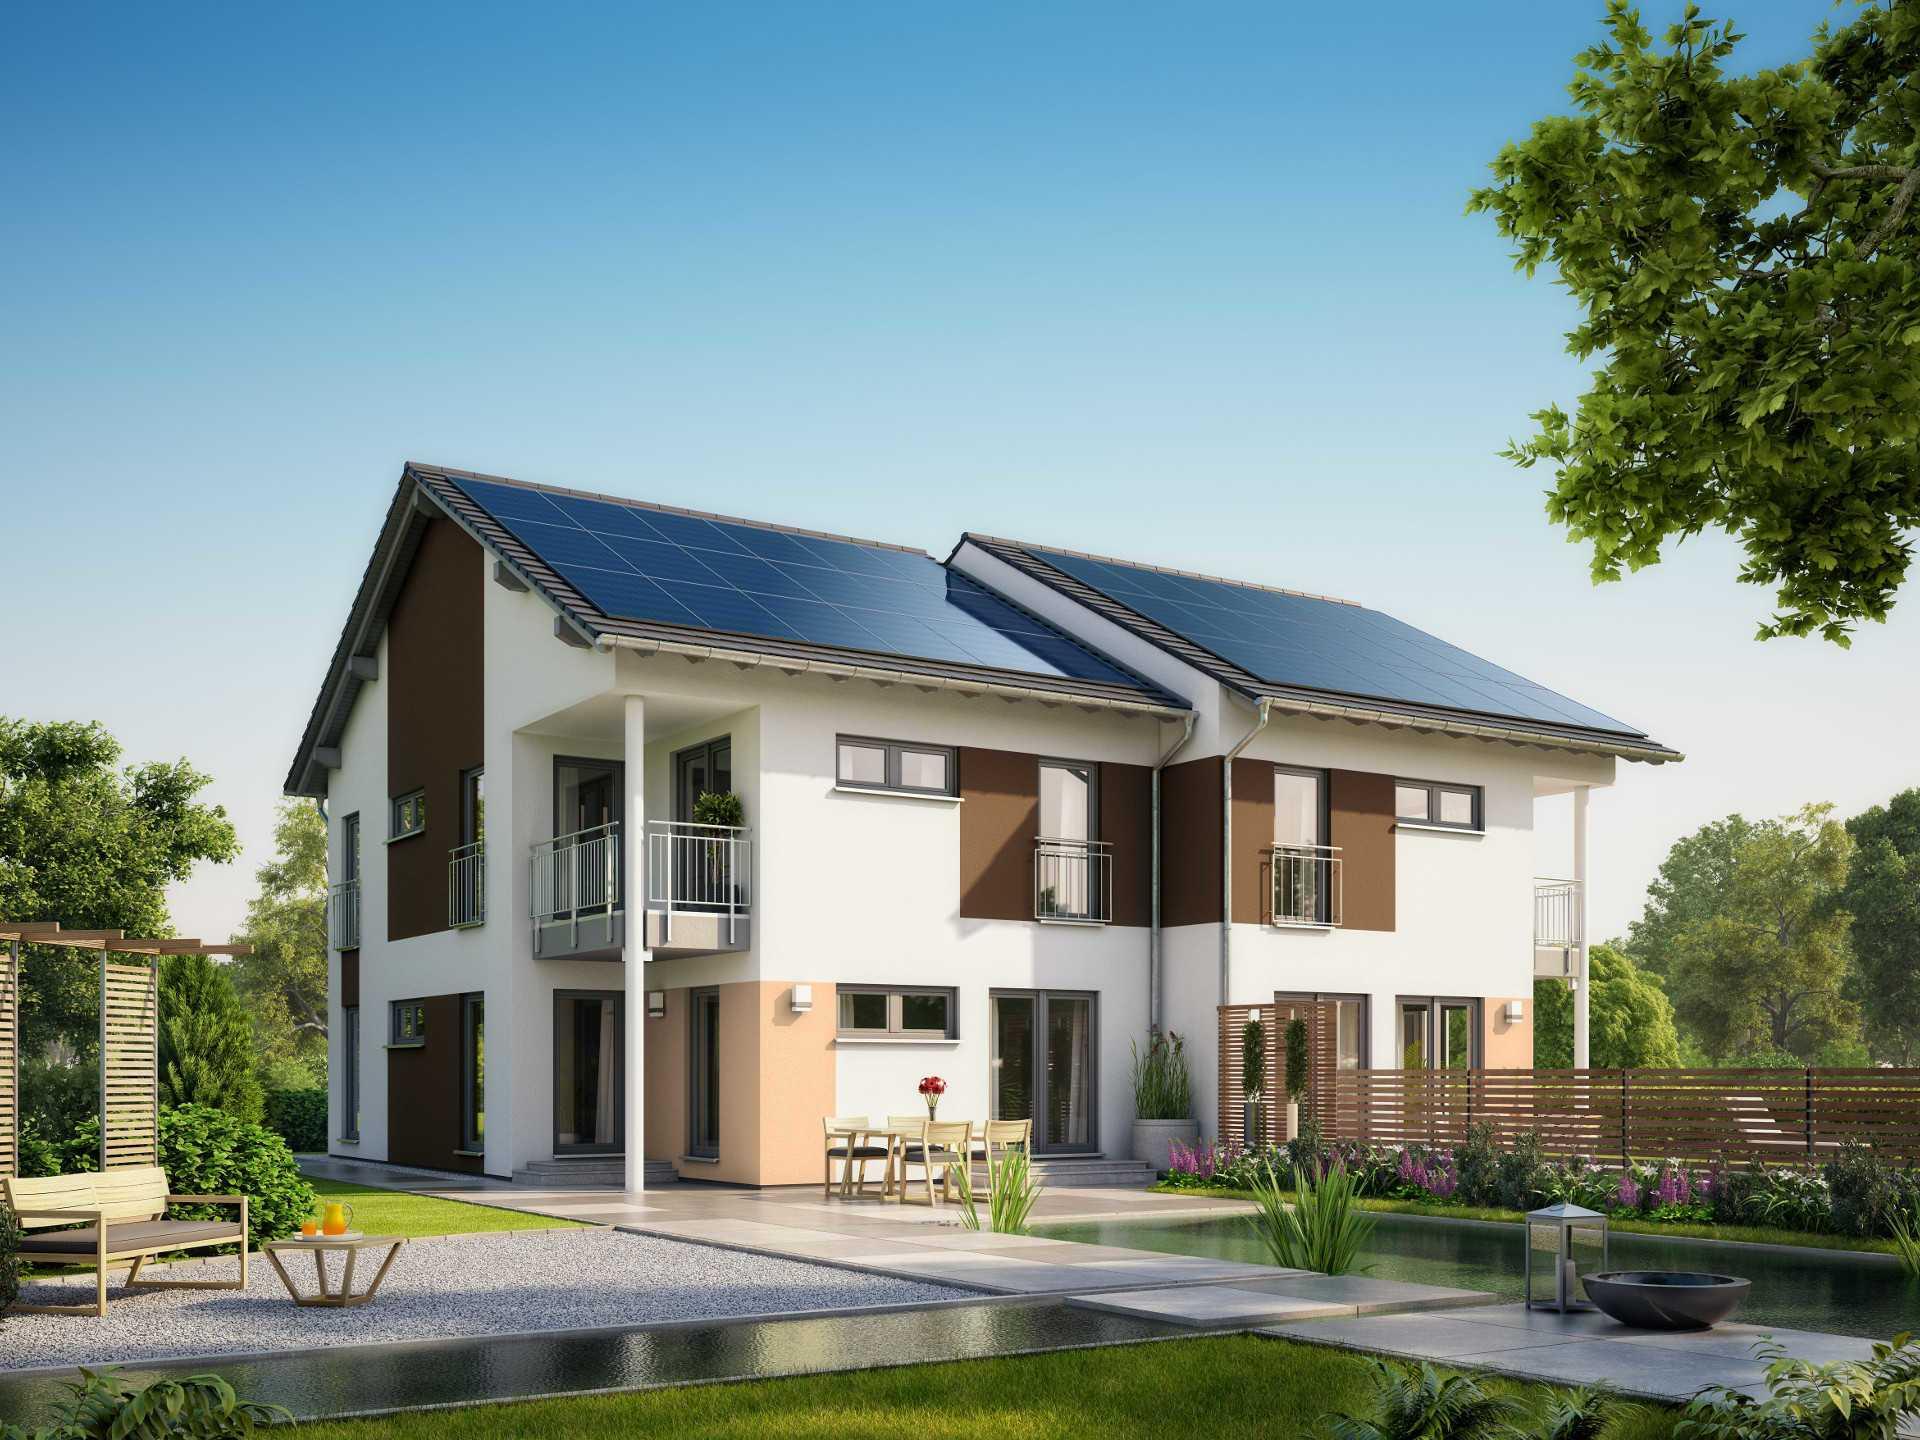 Hausentwurf doppelhaus okal haus for Stadtvilla zweifamilienhaus